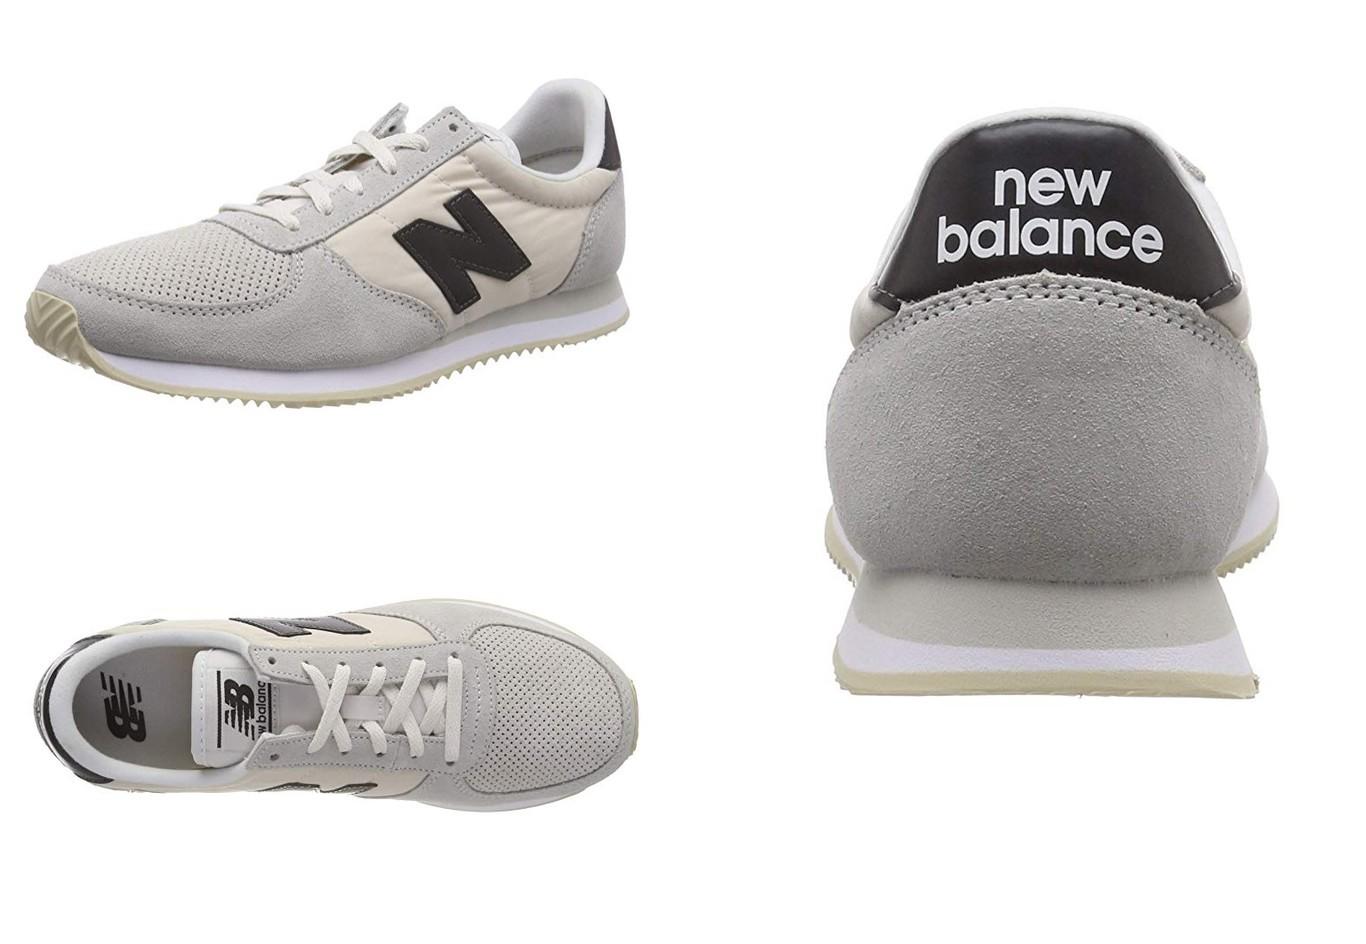 best service 5a32b c8697 Las zapatillas New Balance 220 en gris pueden ser nuestras desde 34,92  euros gracias a Amazon